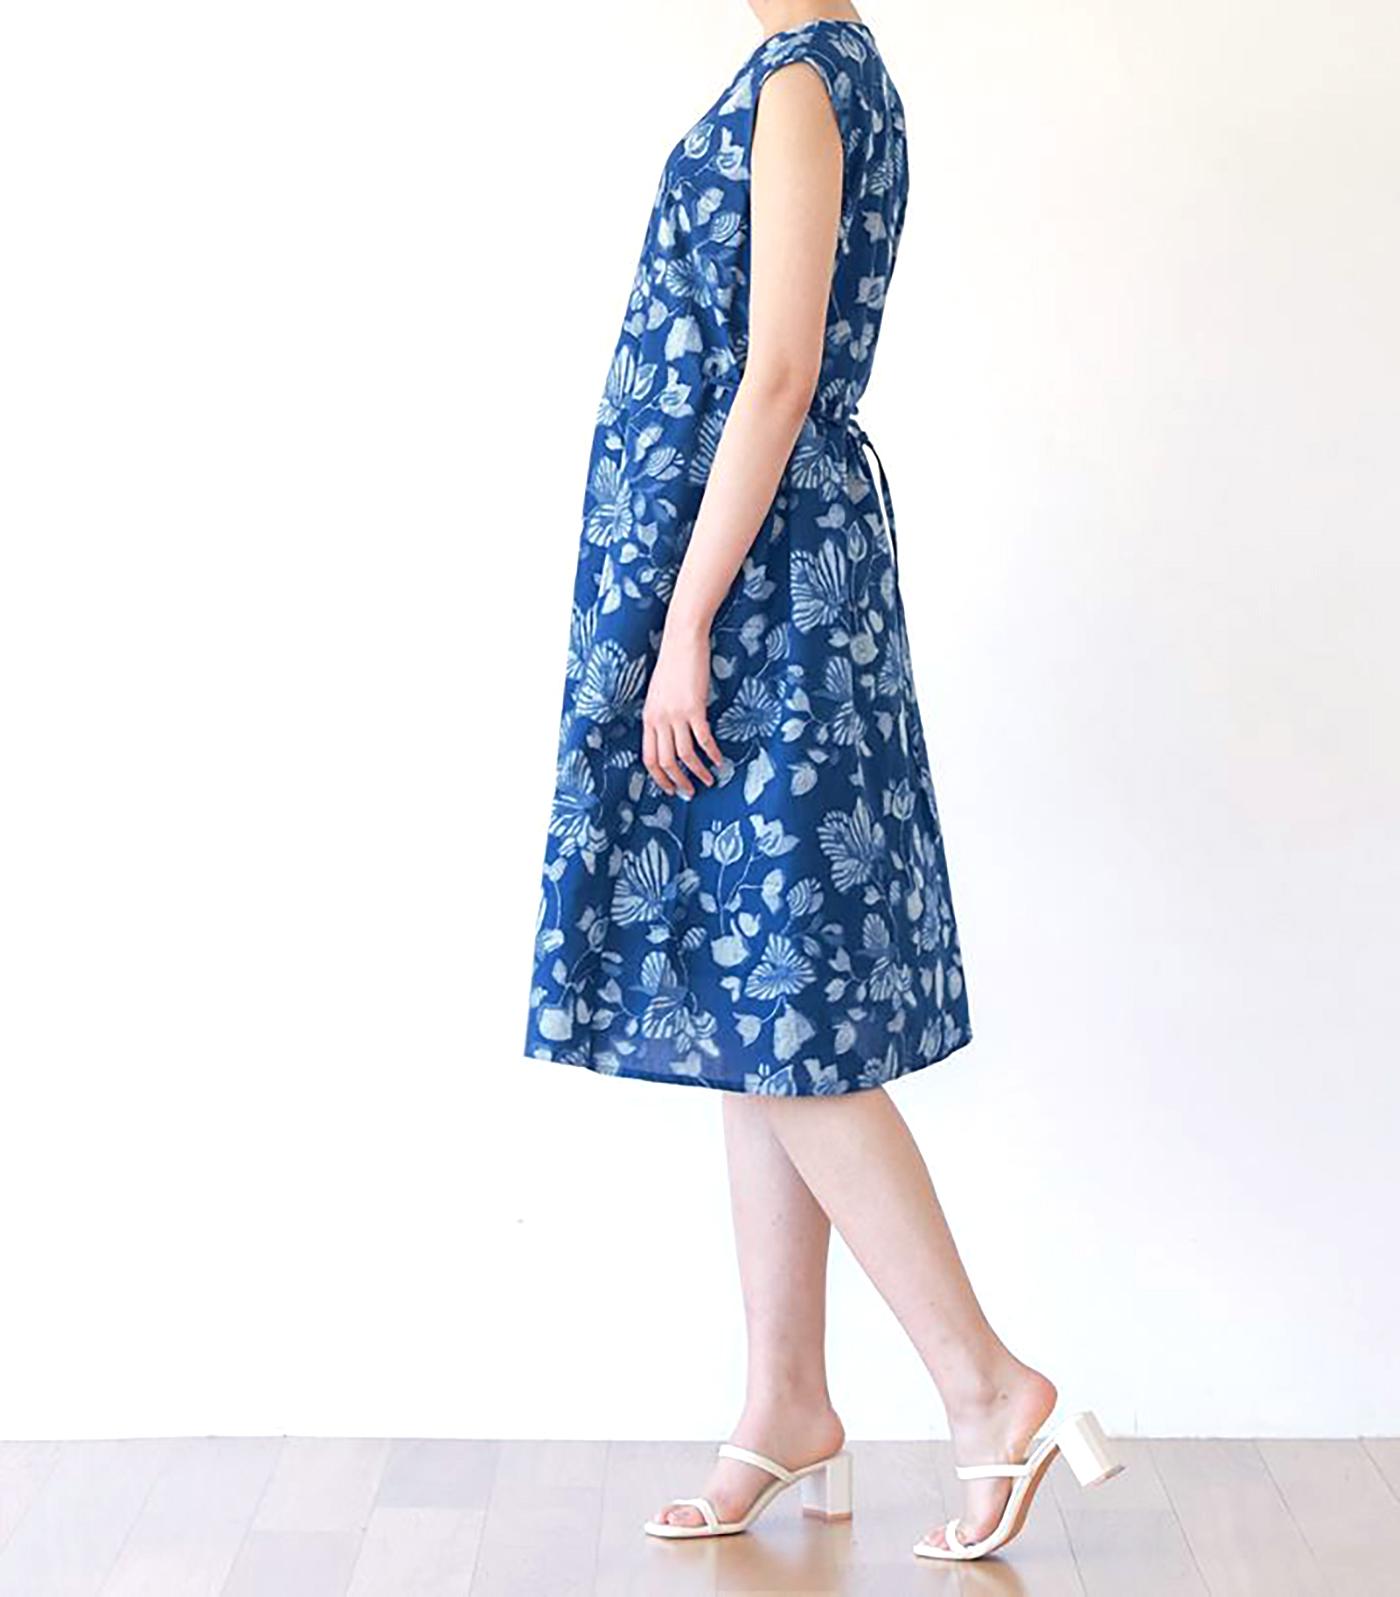 인디고 꽃 민소매 드레스/그루 인디고 꽃 민소매 드레스 상세이미지3